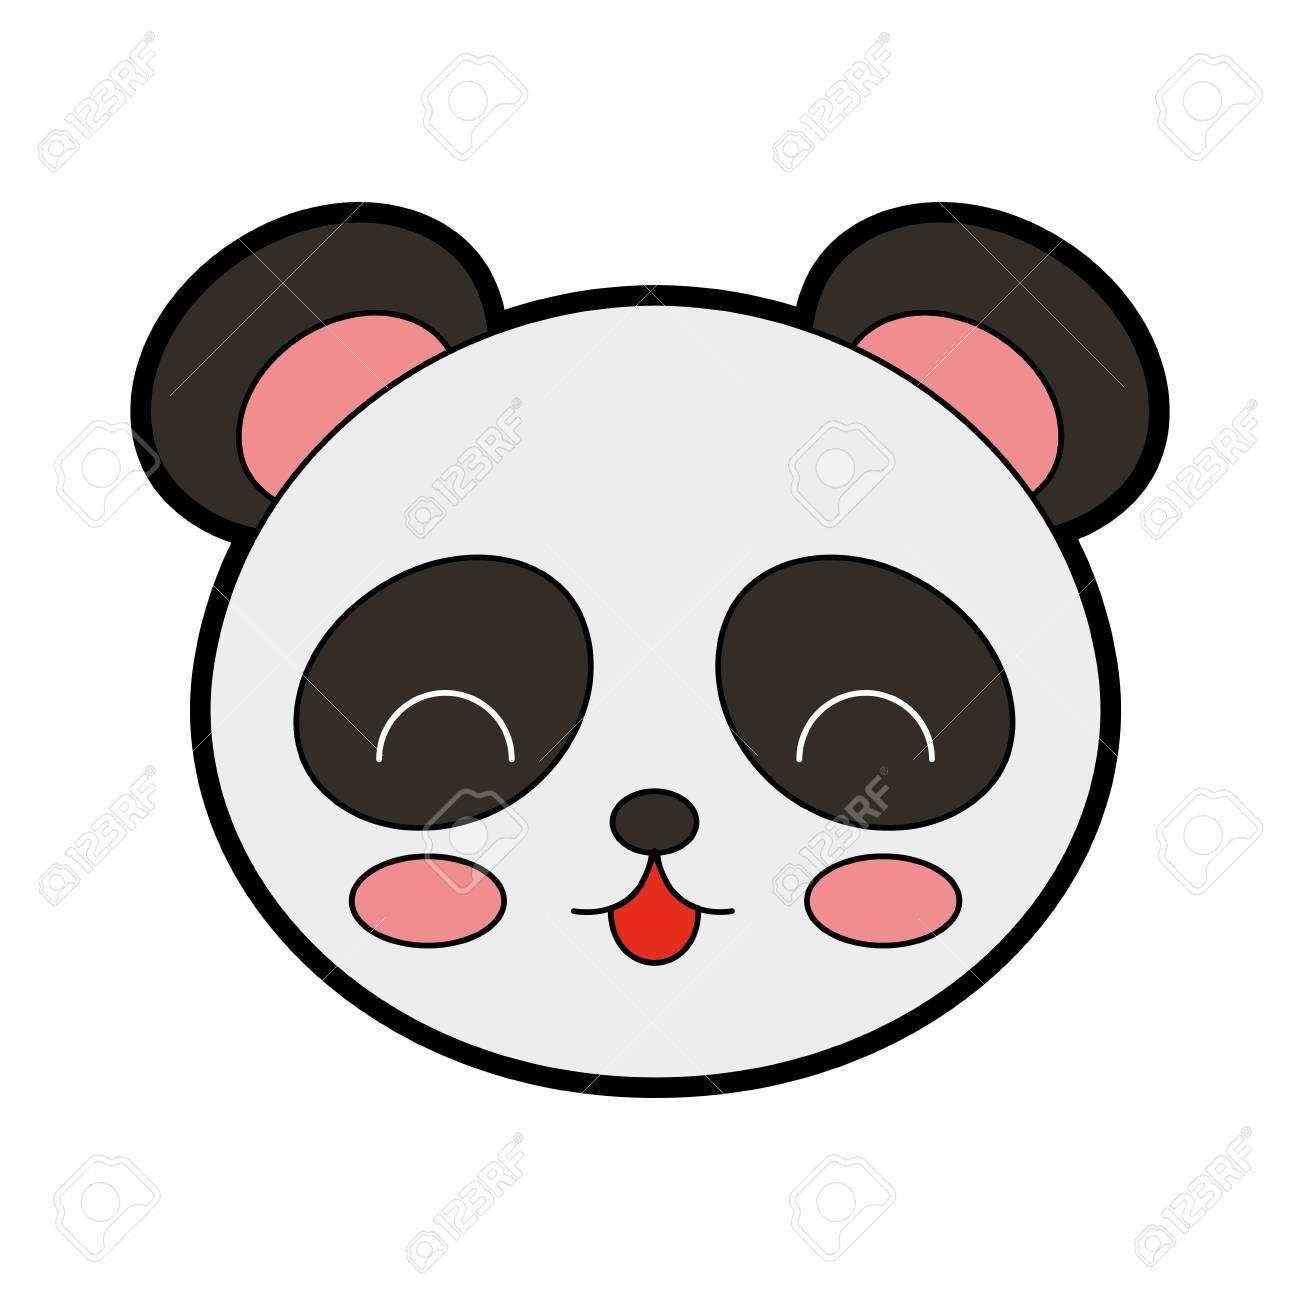 Lindo Diseño Gráfico De La Cara De Oso Panda De Color Gráfico De La Cara Oso Panda Panda